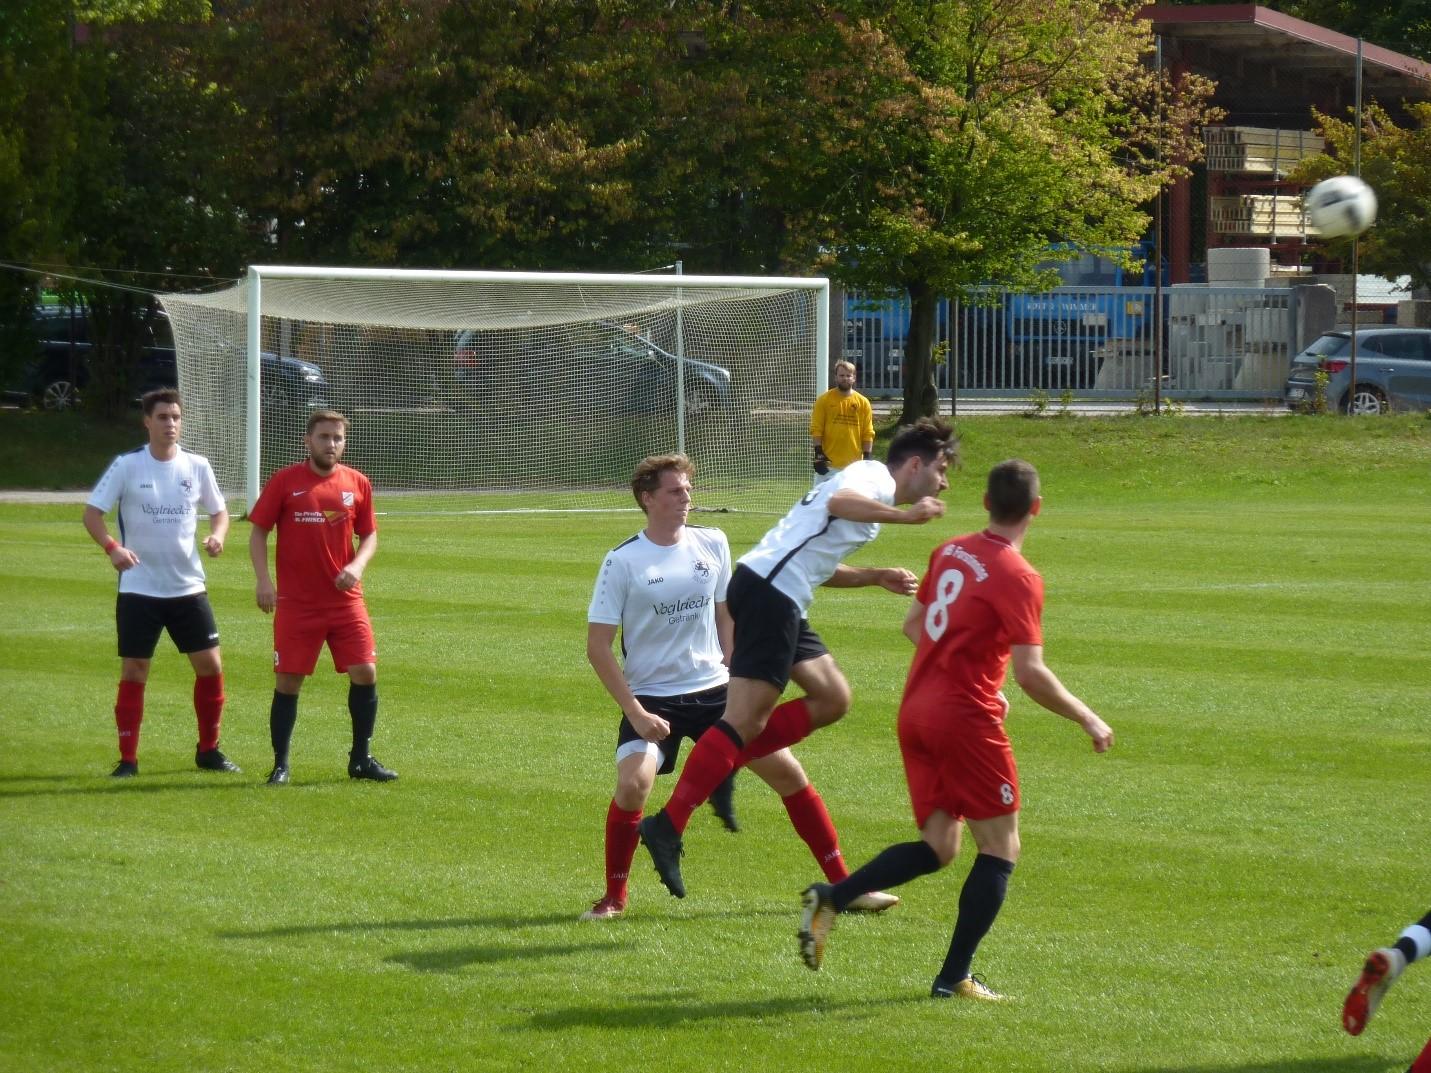 VfB Forstinning 2 – TSV Egmating  3 : 2 (1:1)